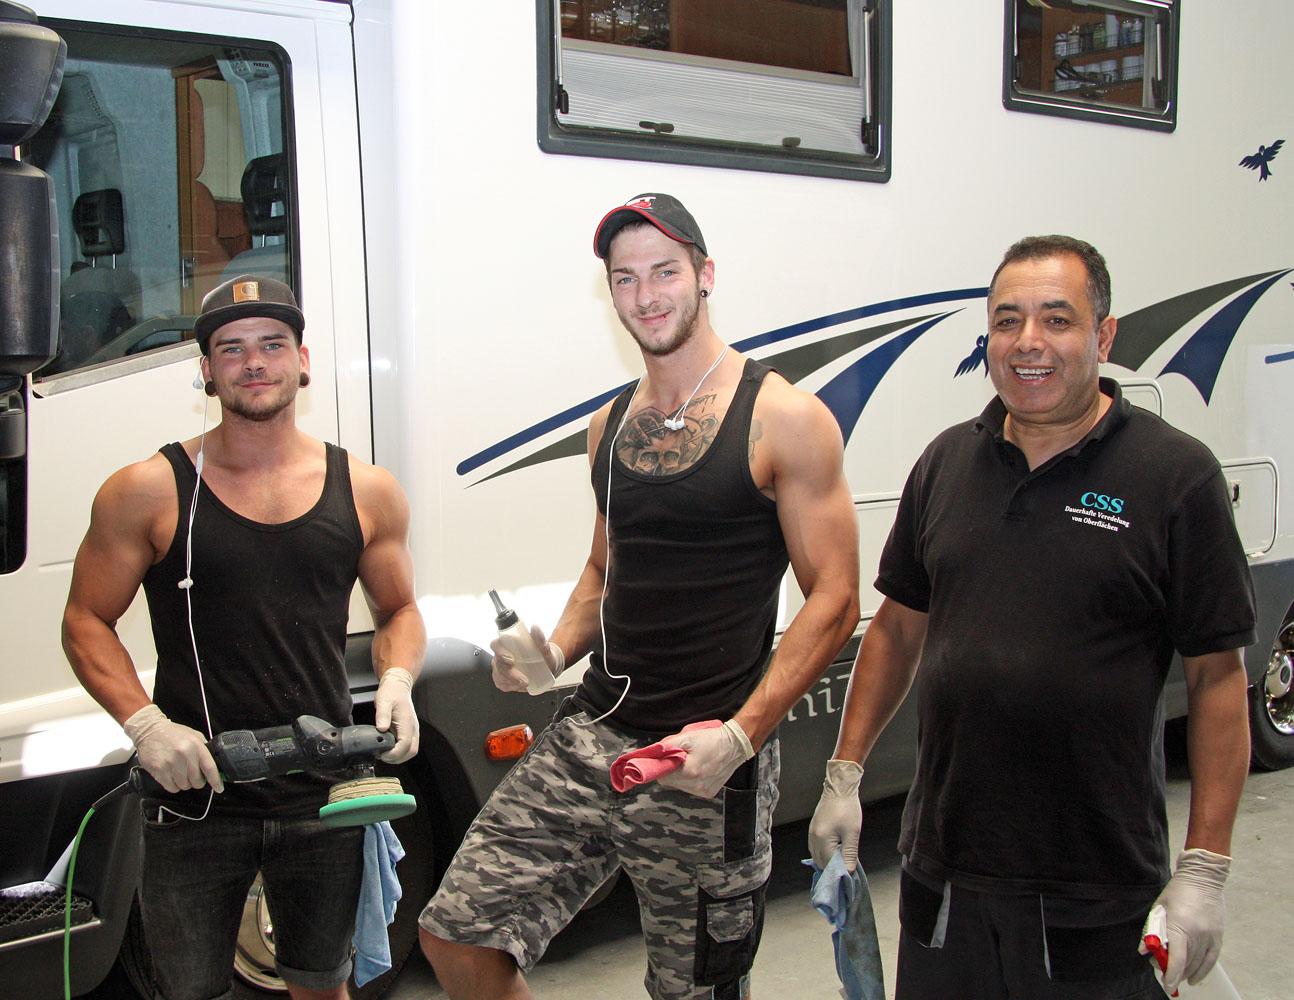 Ein tolles Team (von links): Denny, Jens und Mohammed.